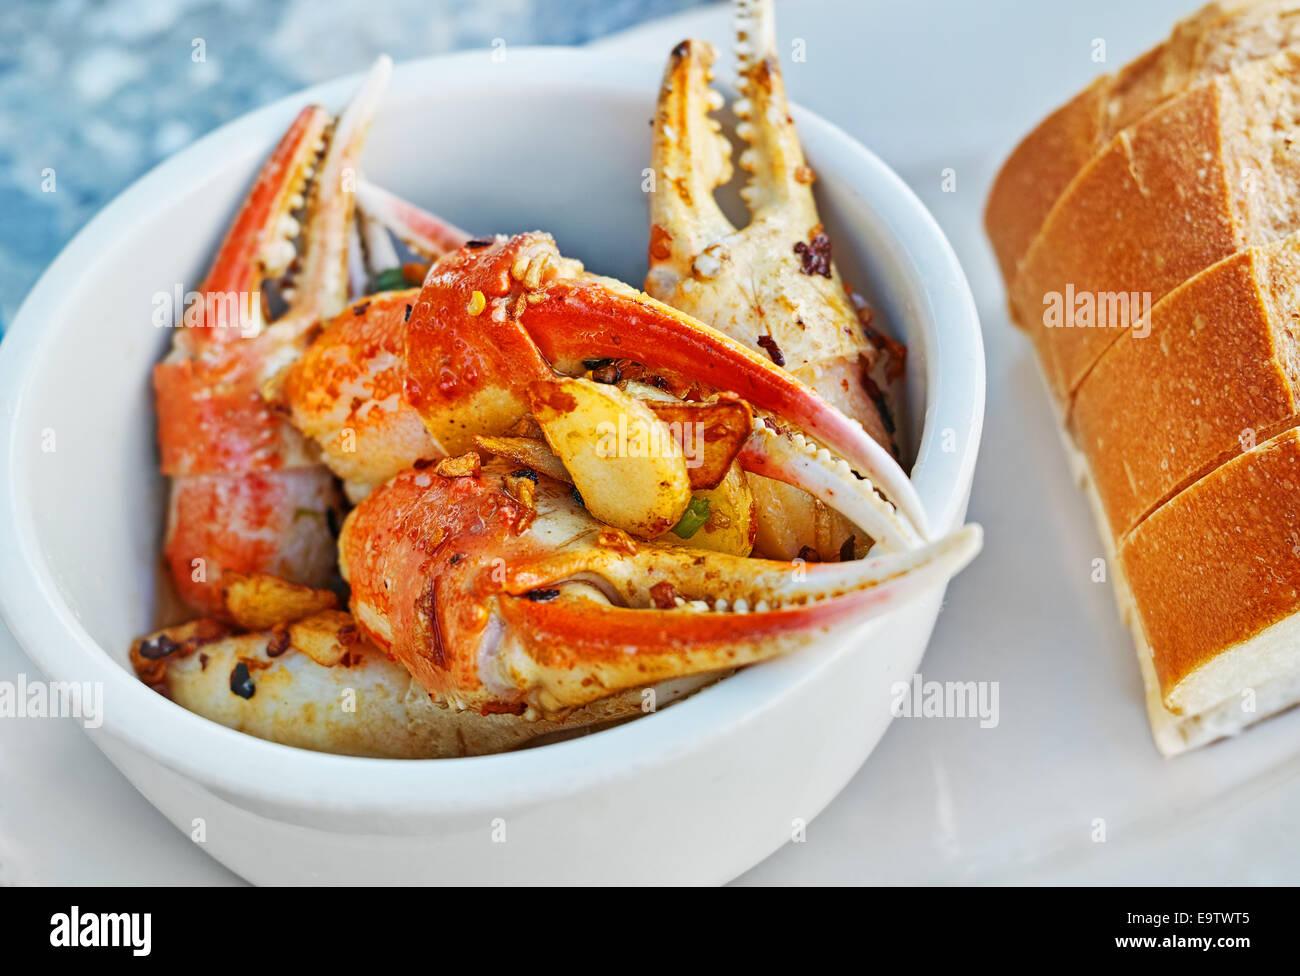 Florida Lobster Stockfotos & Florida Lobster Bilder - Alamy